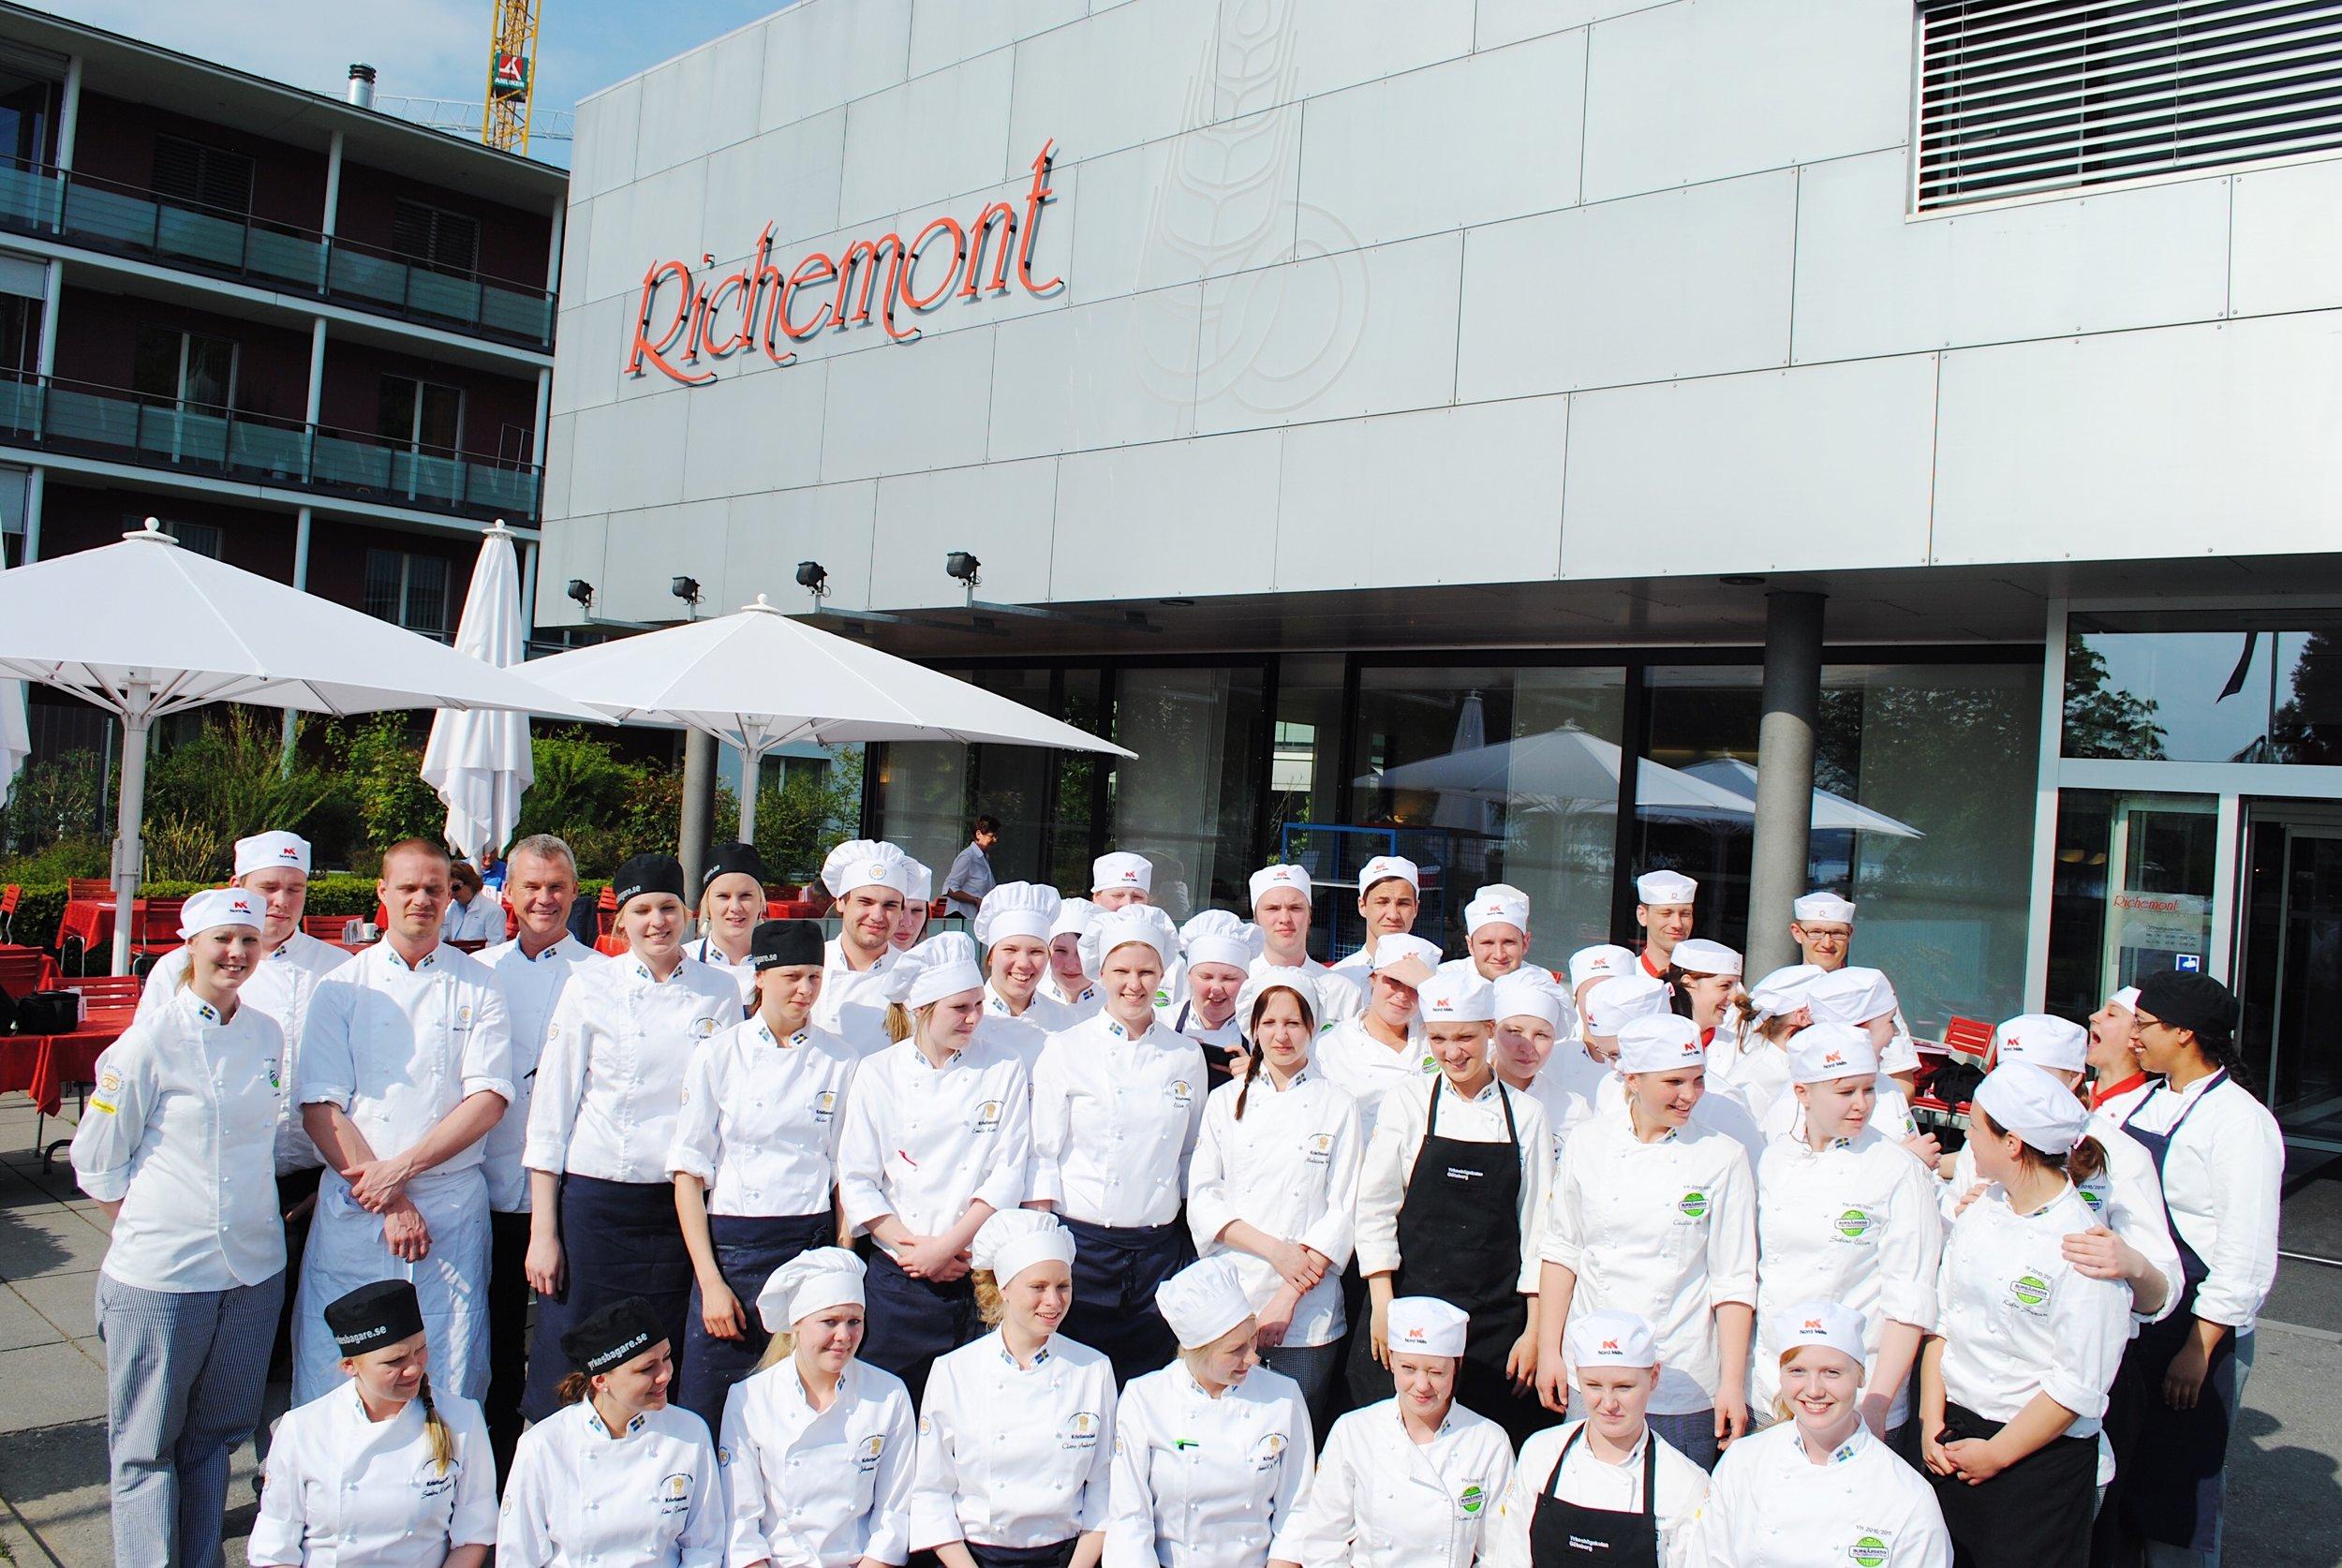 2009 - 2018 : 10 års lyckat samarbete - 2009 arrangerade Stiftelsen Einar Belvén tillsammans med Sveriges Bagare och Konditorer (SBK) och Delicato bakverk AB, för första gången en studieresa för blivande gesäller inom bageri och konditori.